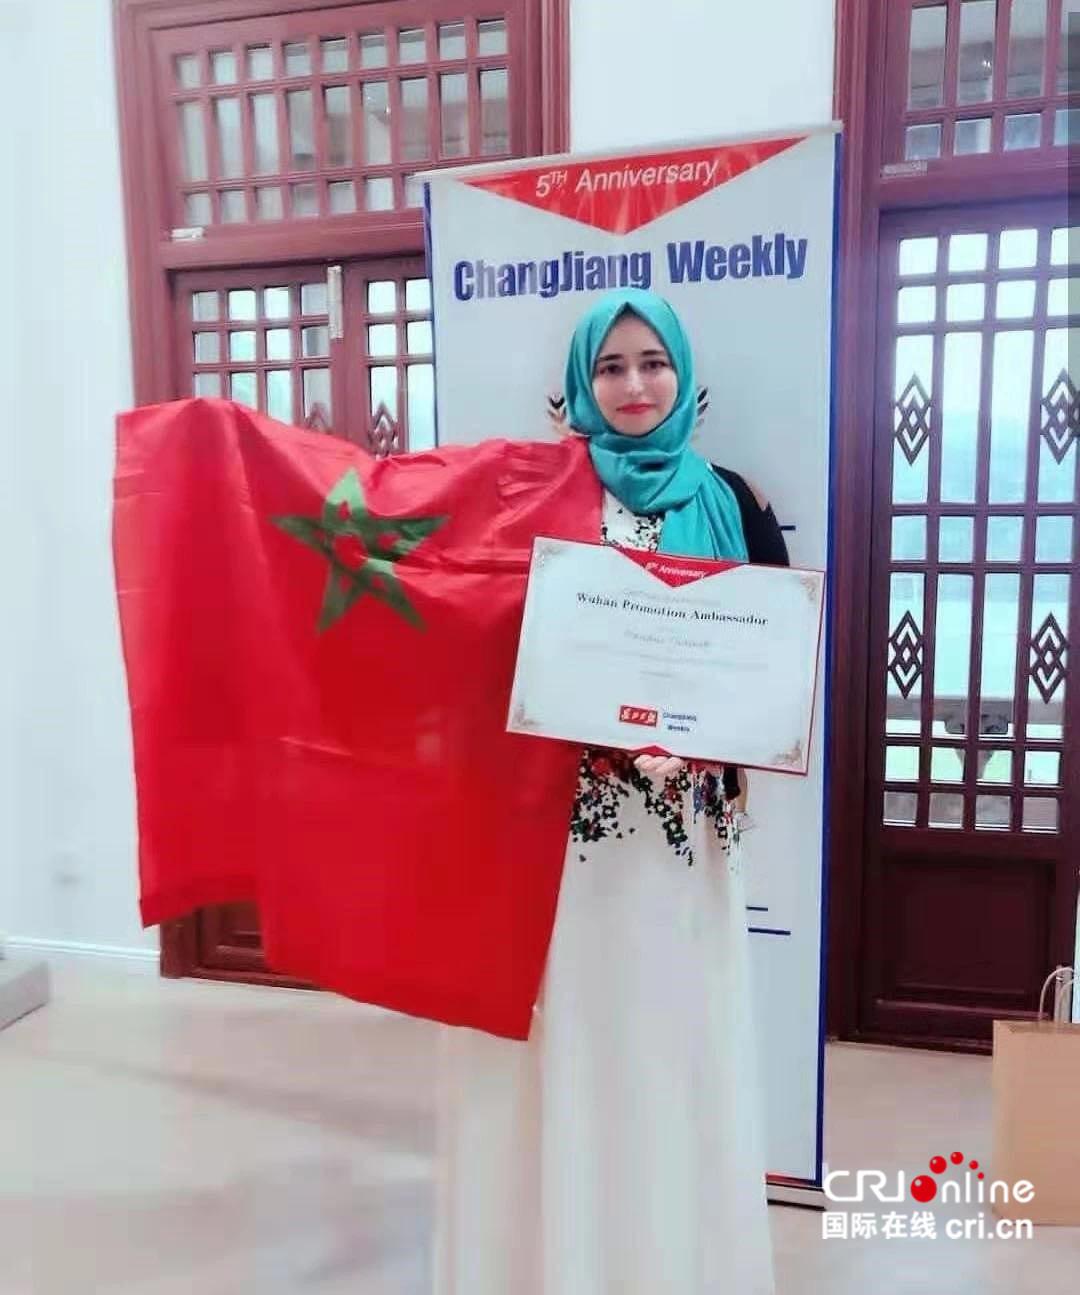 摩洛哥女孩